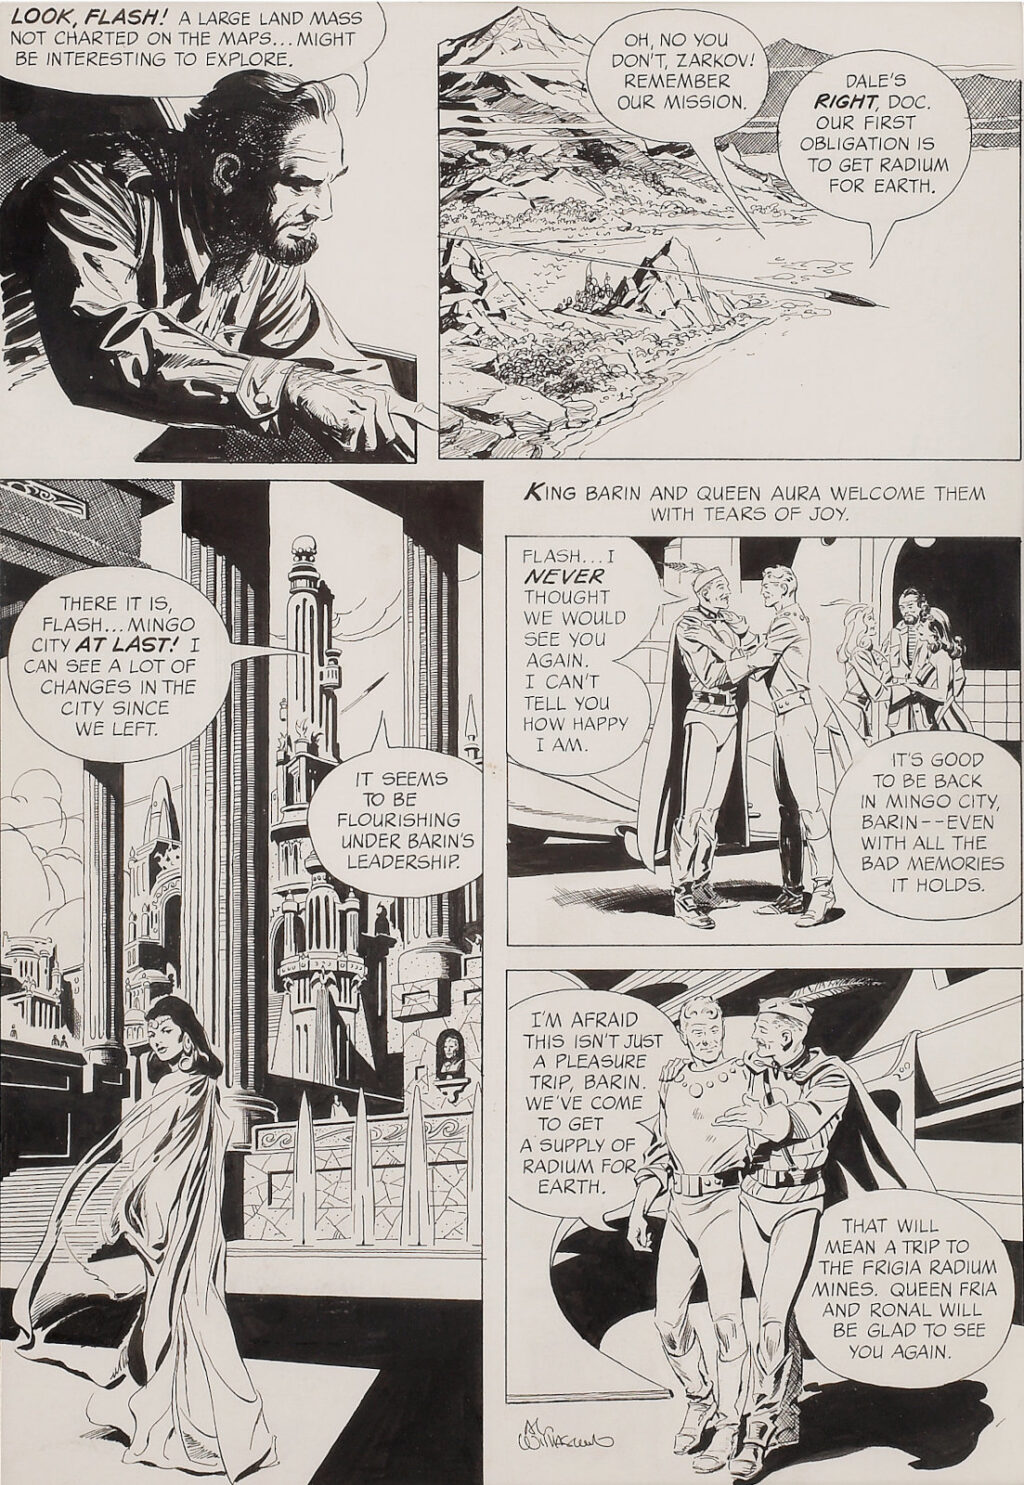 Flash Gordon issue 1 page 5 by Al Williamson